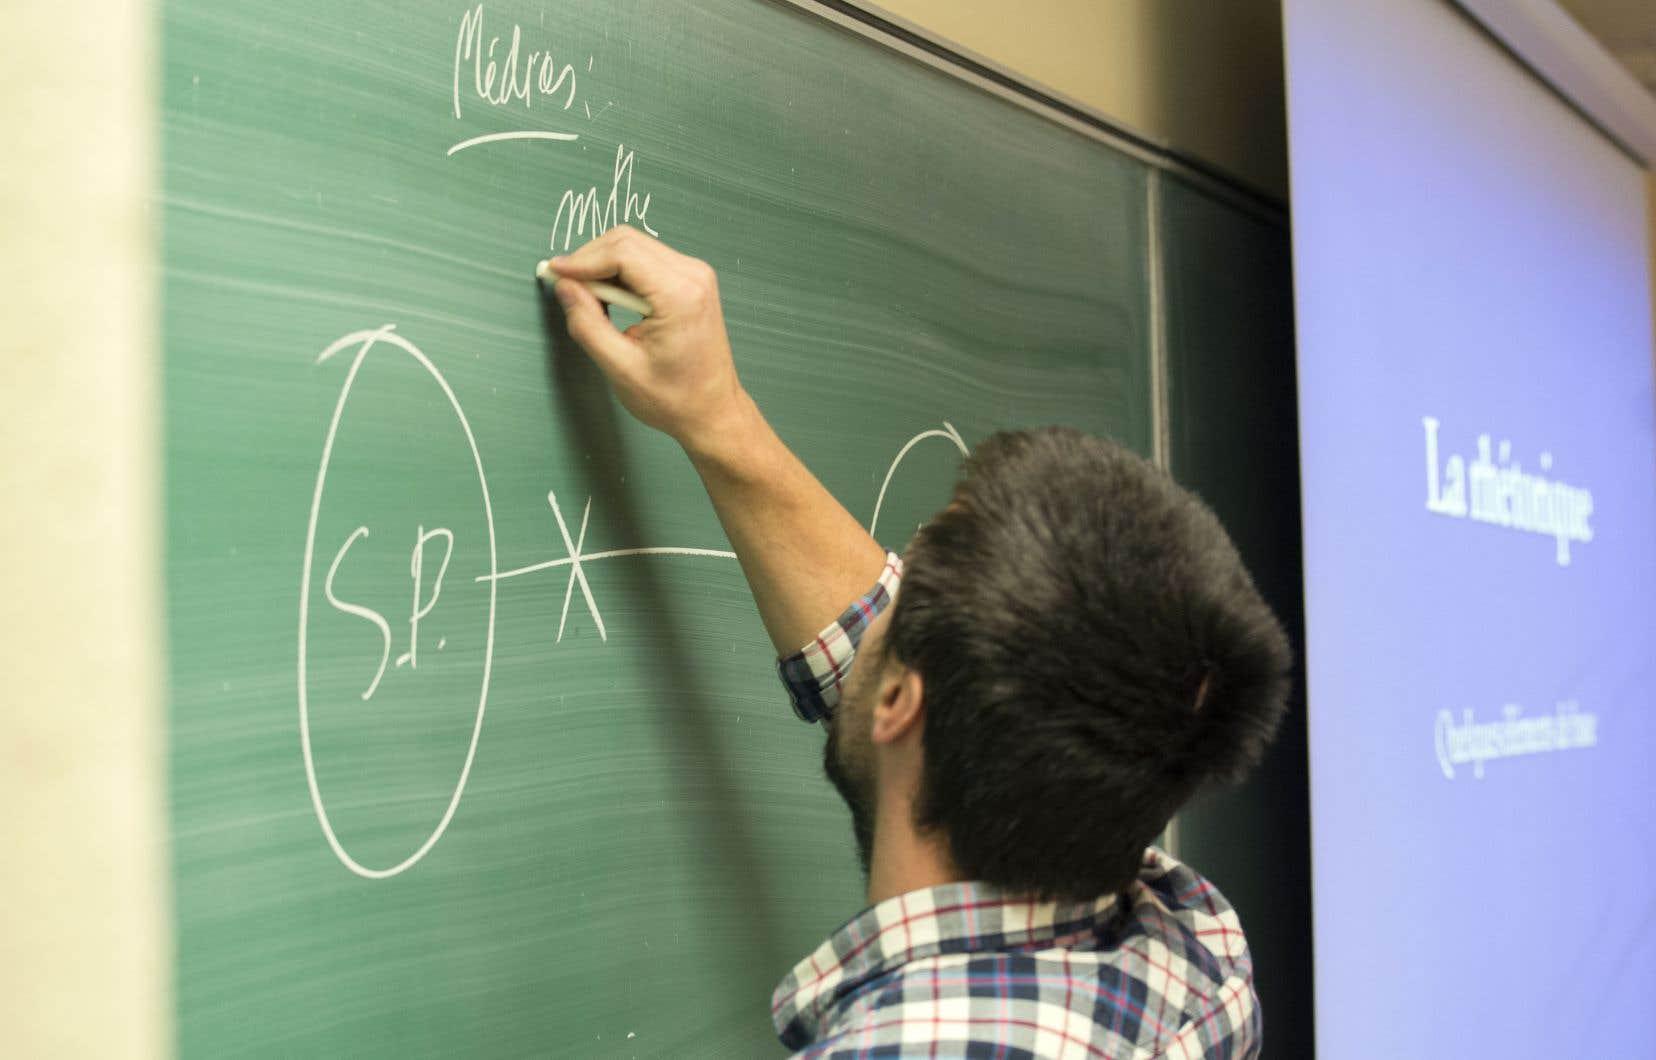 la baisse des inscriptions dans les c u00e9geps met des enseignants dans la pr u00e9carit u00e9